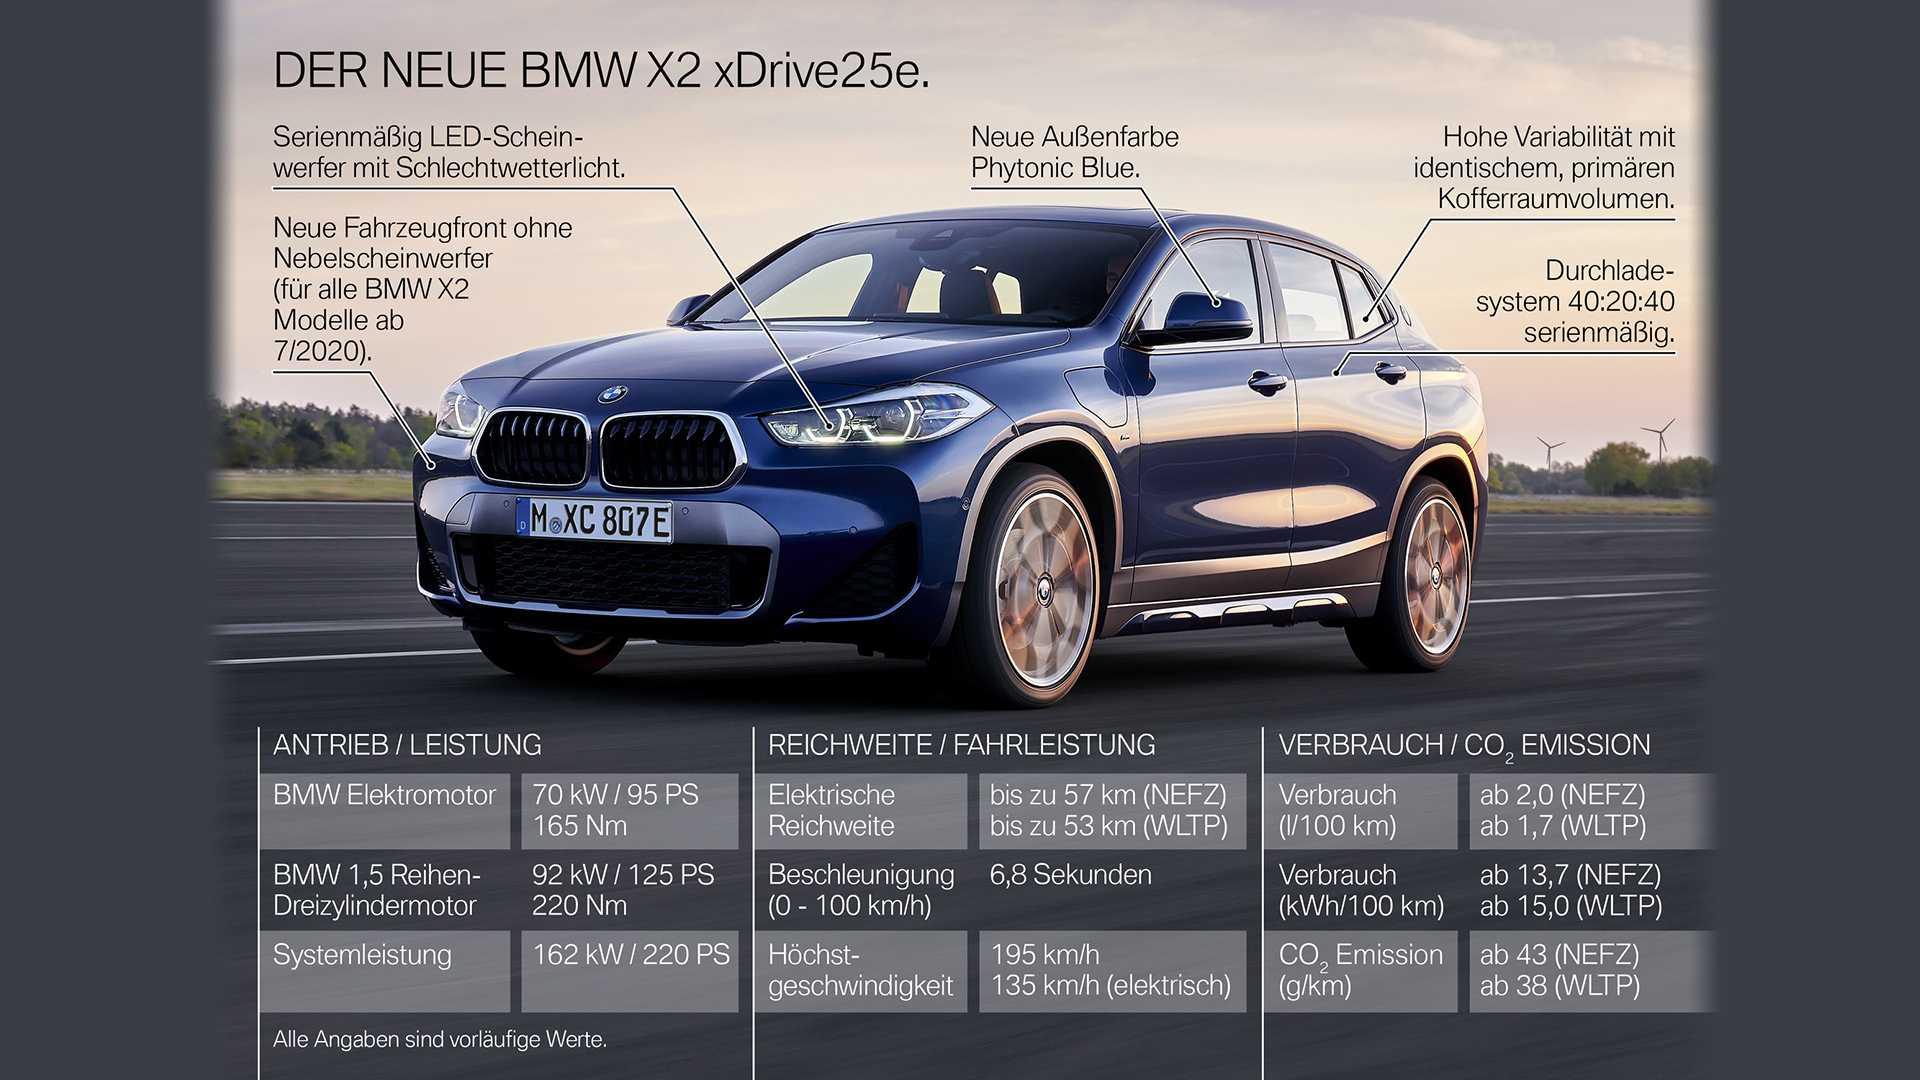 bmw-x2-xdrive25e-2020-35